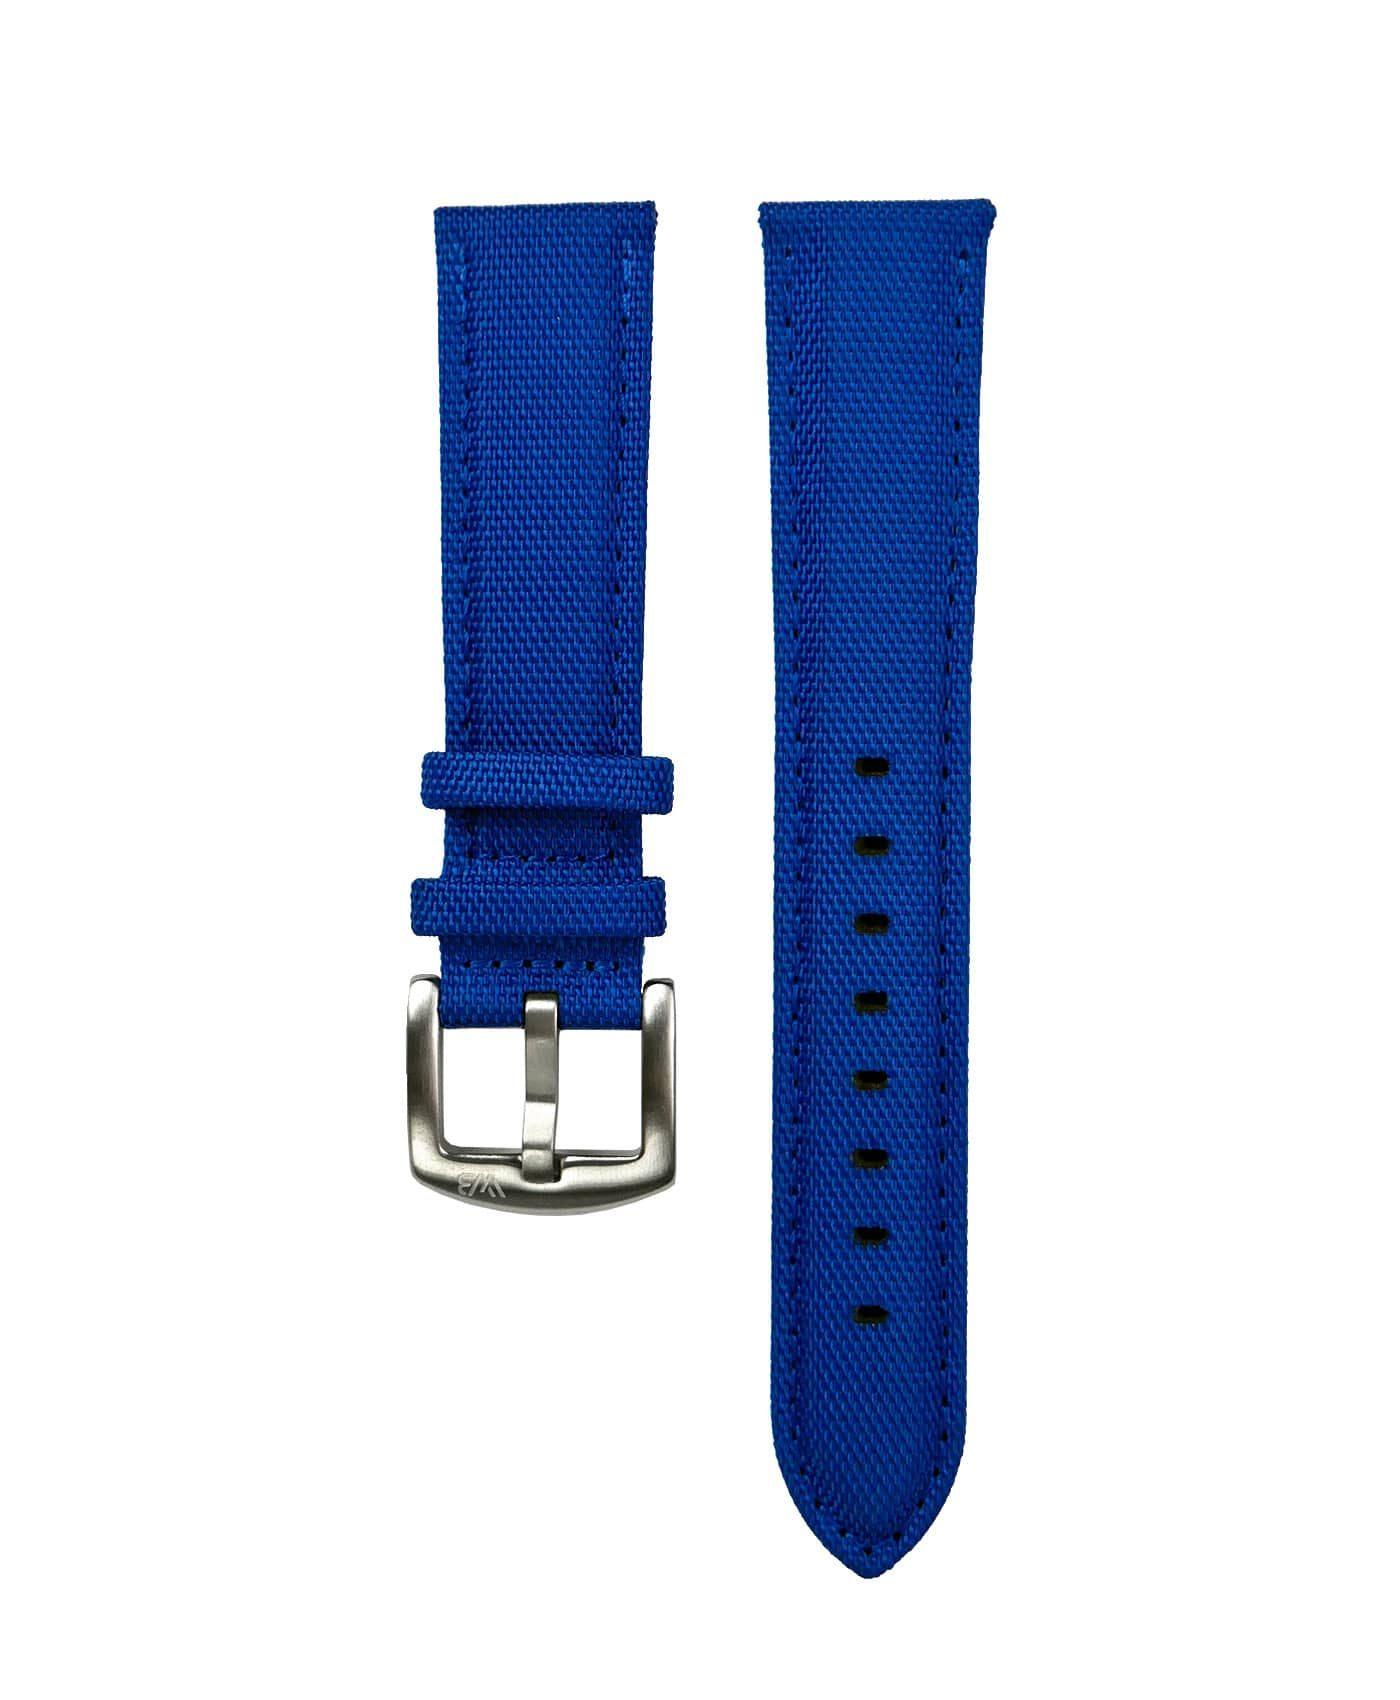 Cordura Watch Strap Blue by Watchbandit